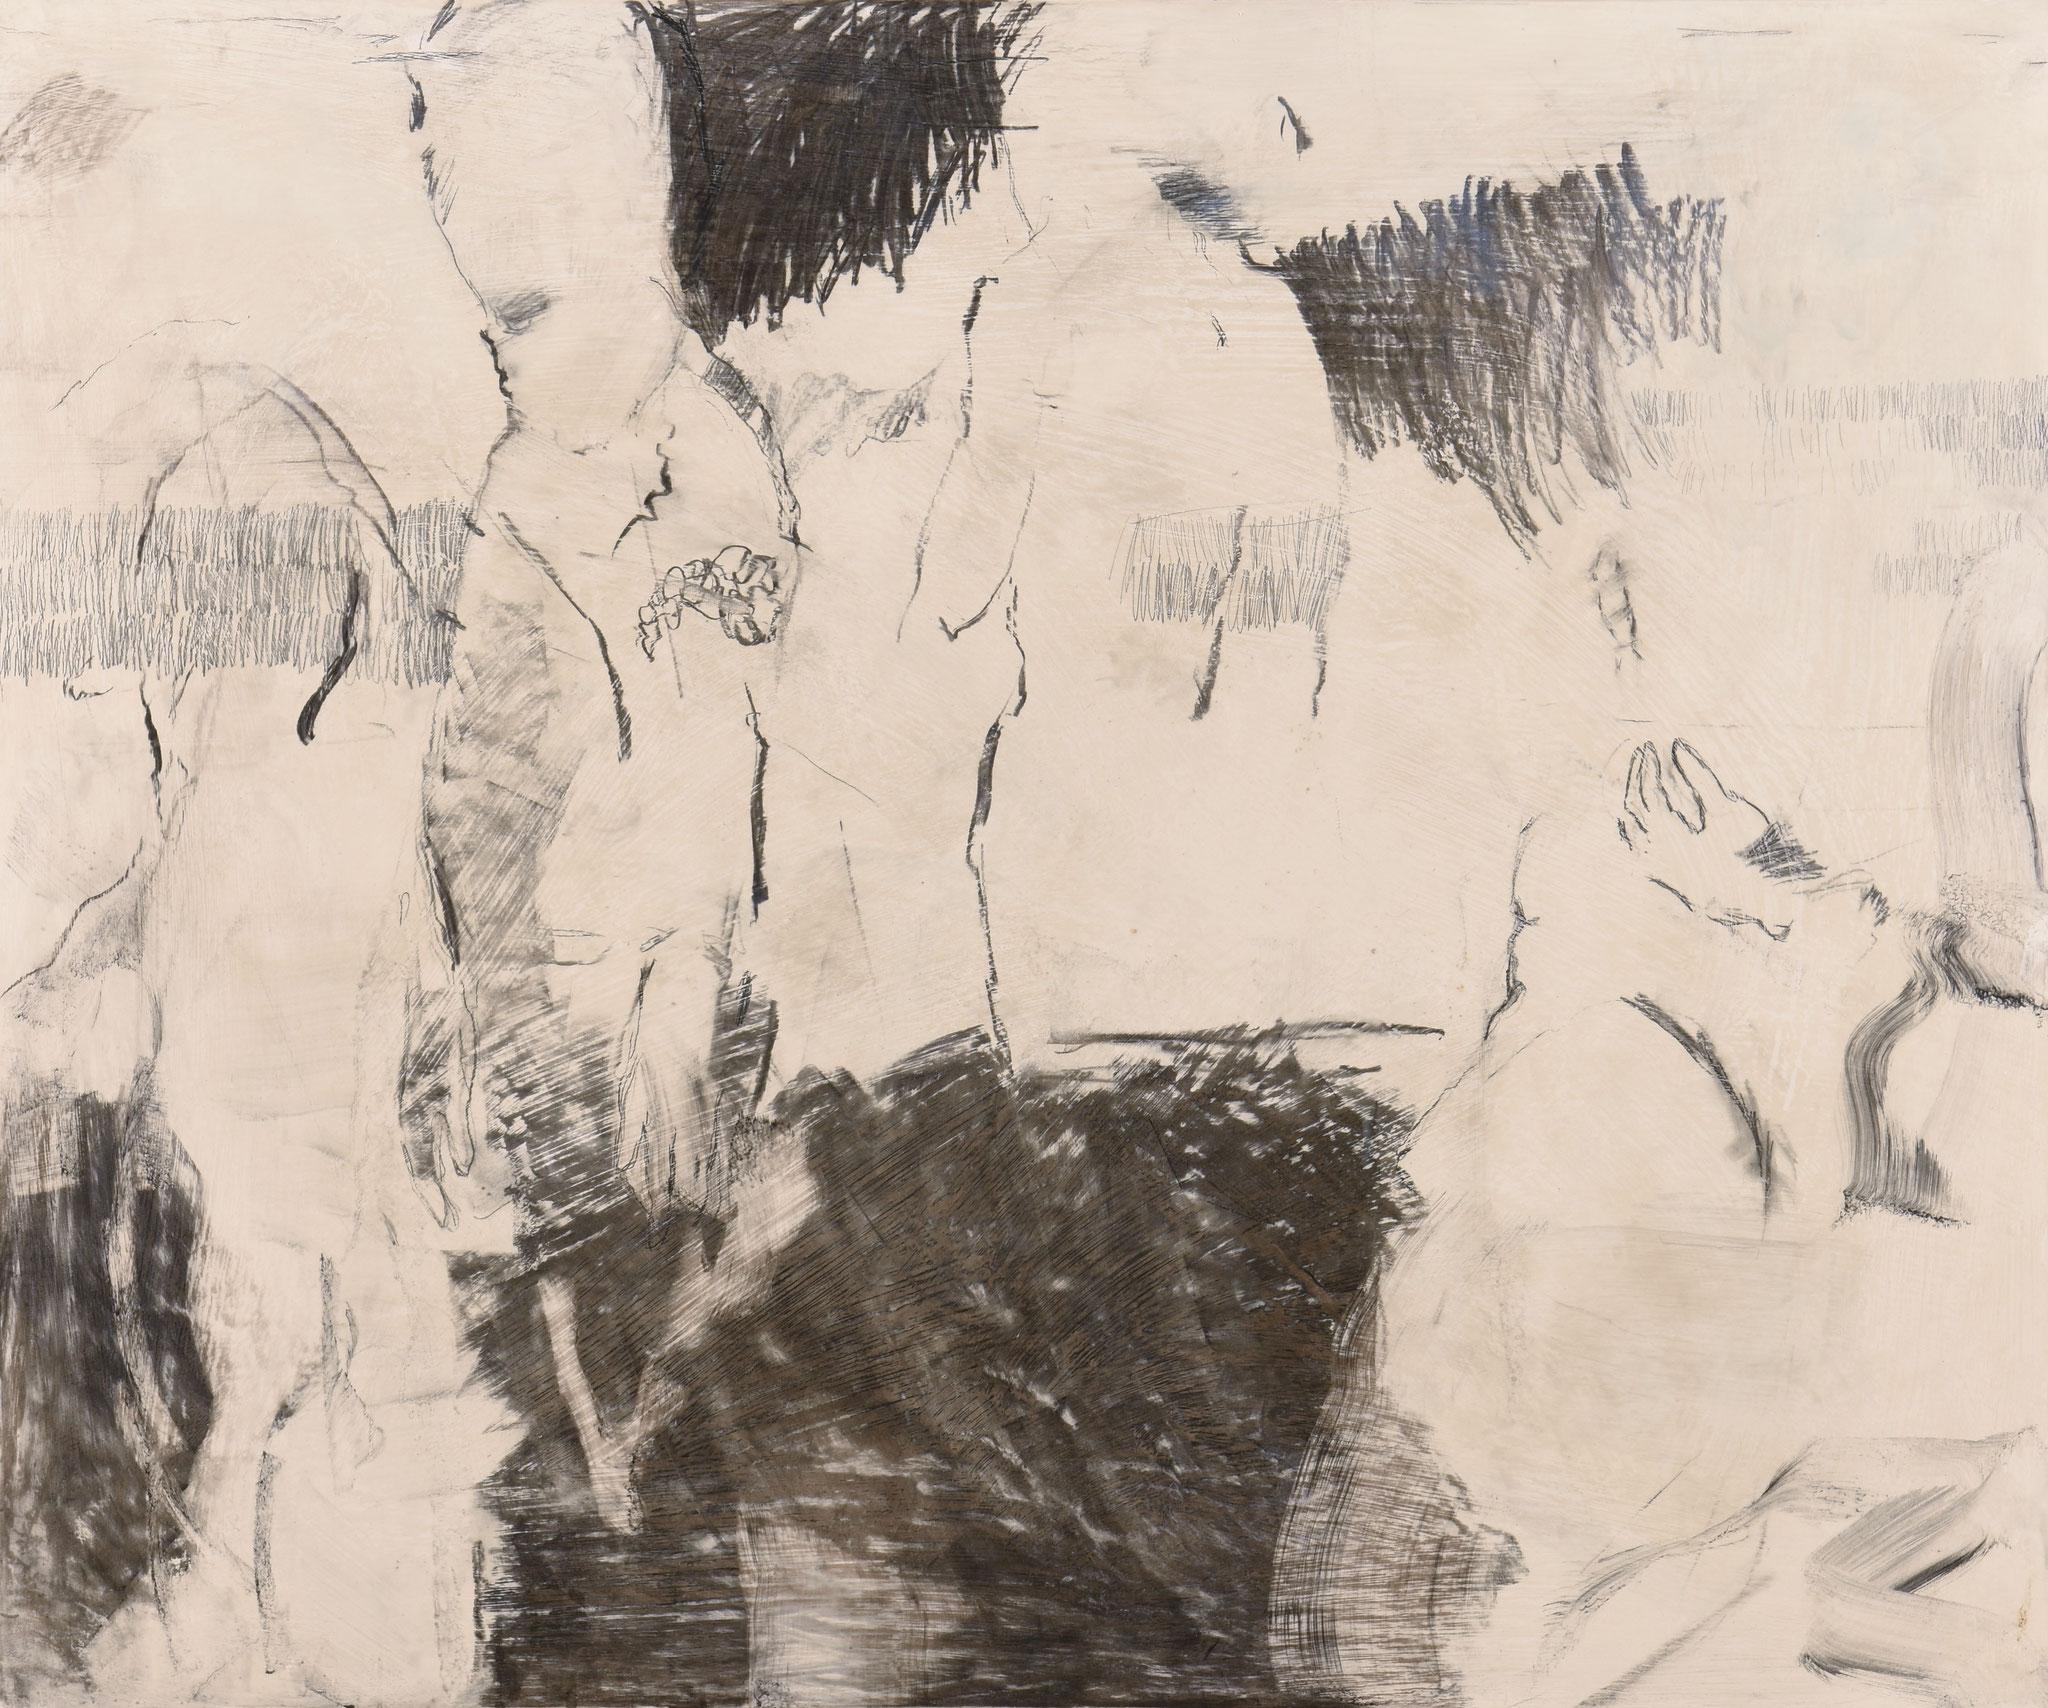 21  |  Ohne Titel  |  2017  |  Kohle und Graphit auf Holz  |  100 x 120 cm